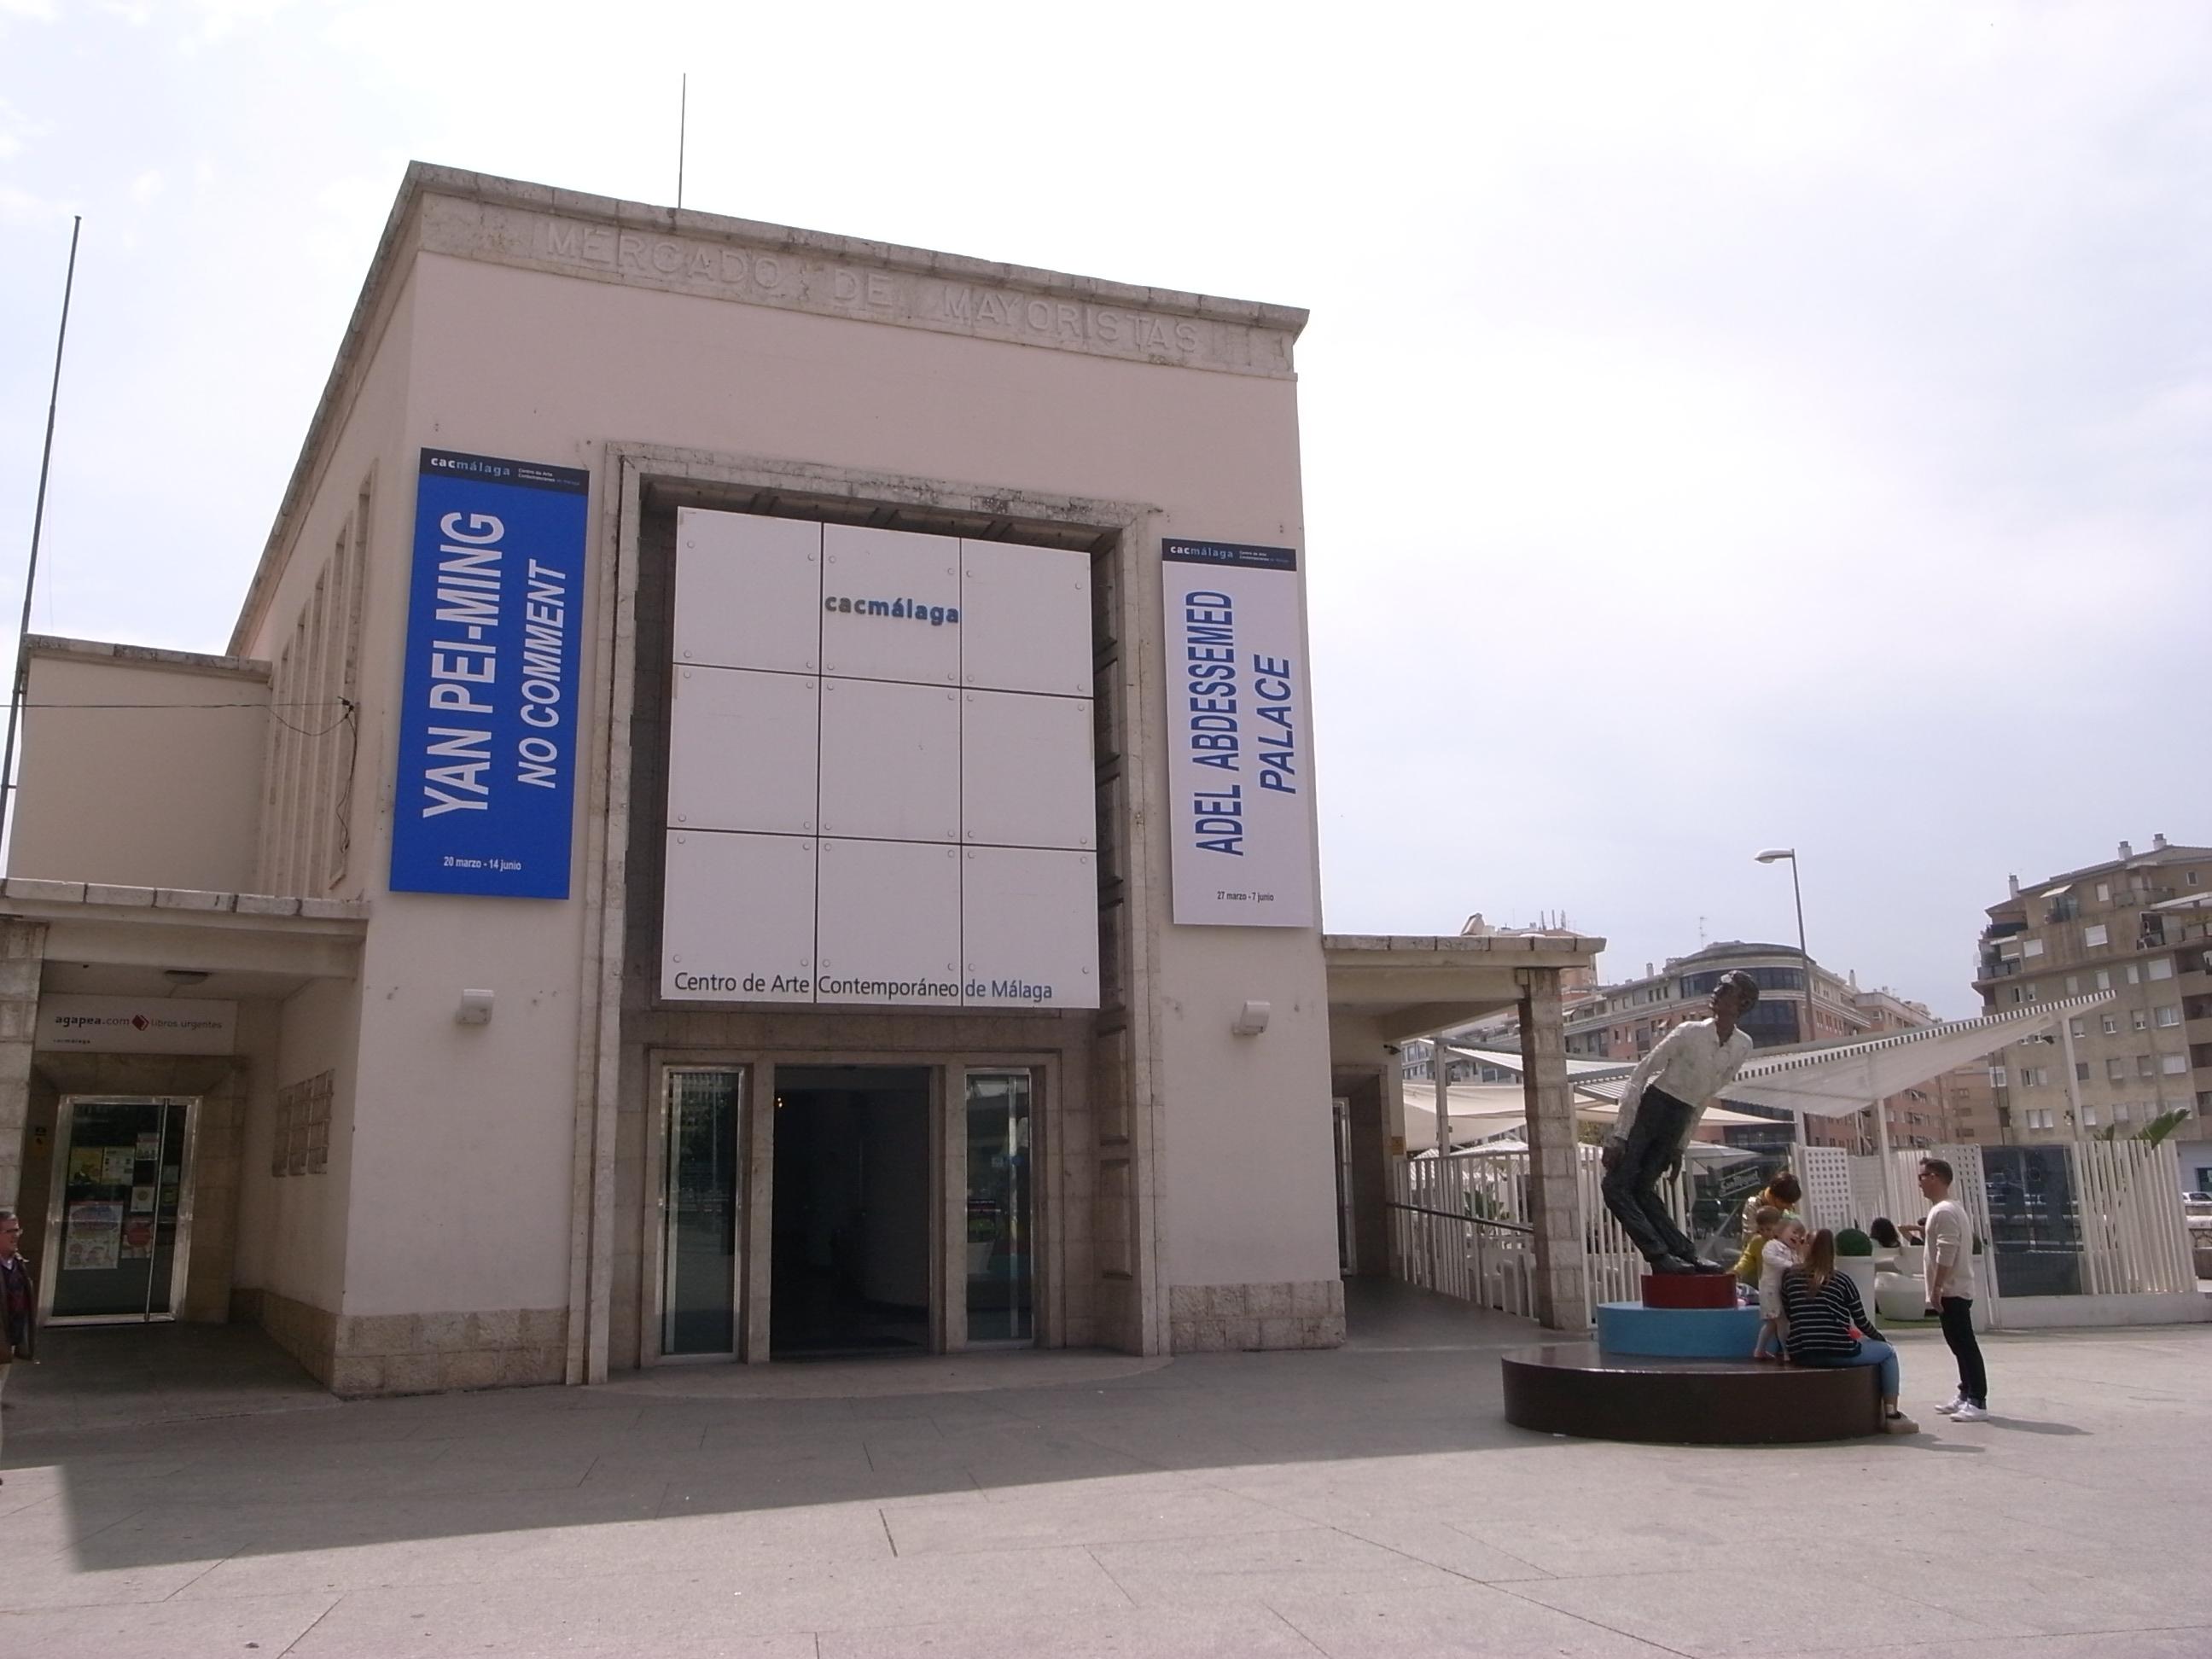 マラガ現代美術センター